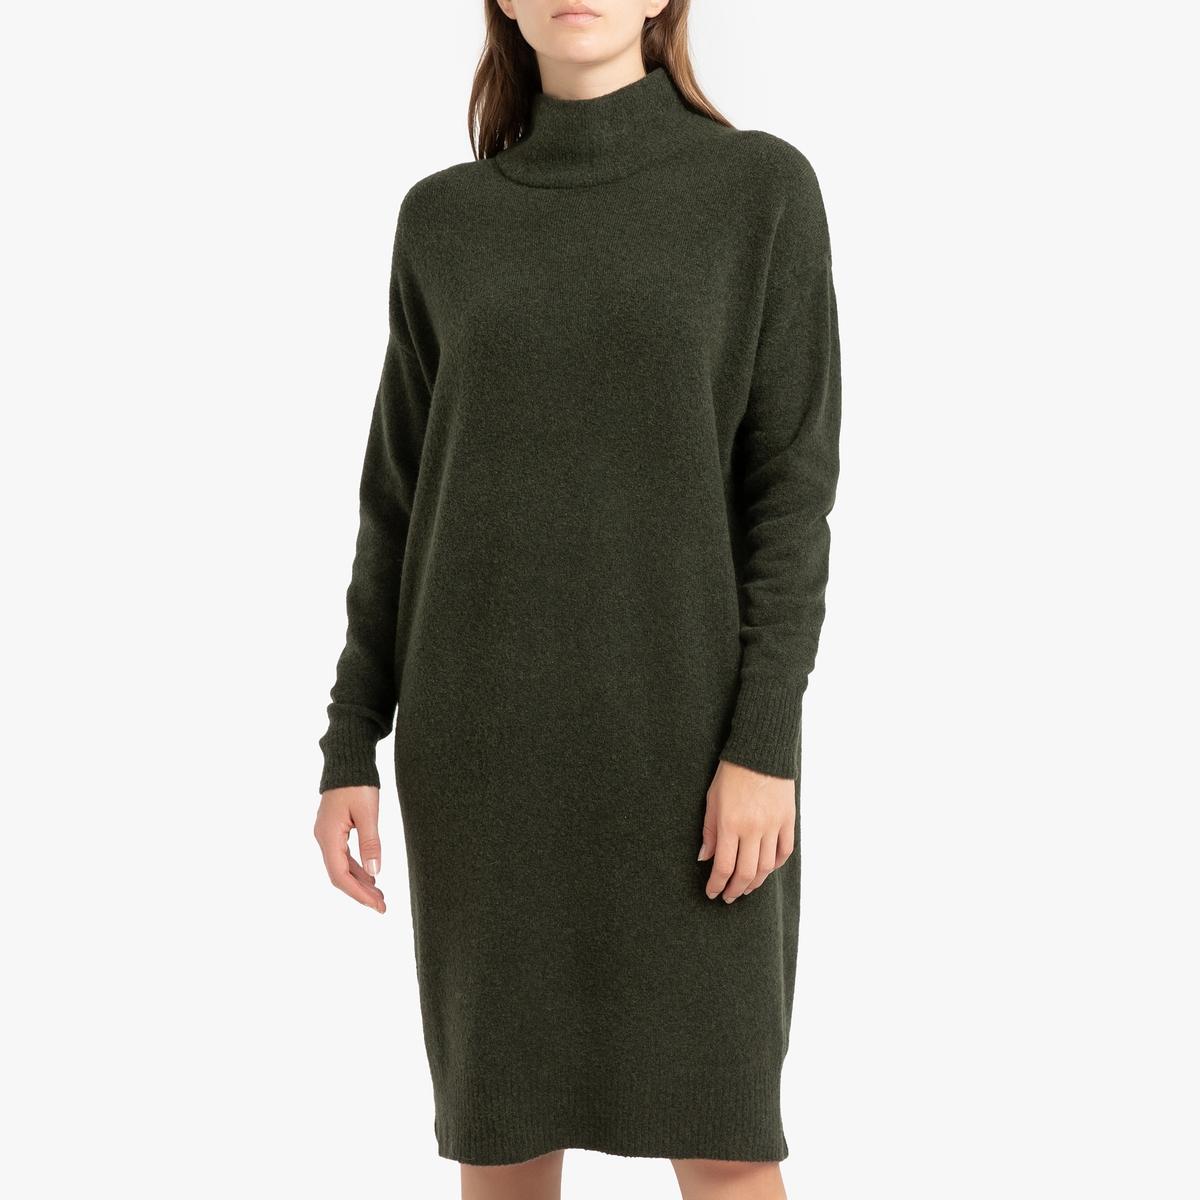 Платье-пуловер La Redoute Длинное с длинными рукавами DAMSVILLE M/L зеленый женское платье sv005485 s m l